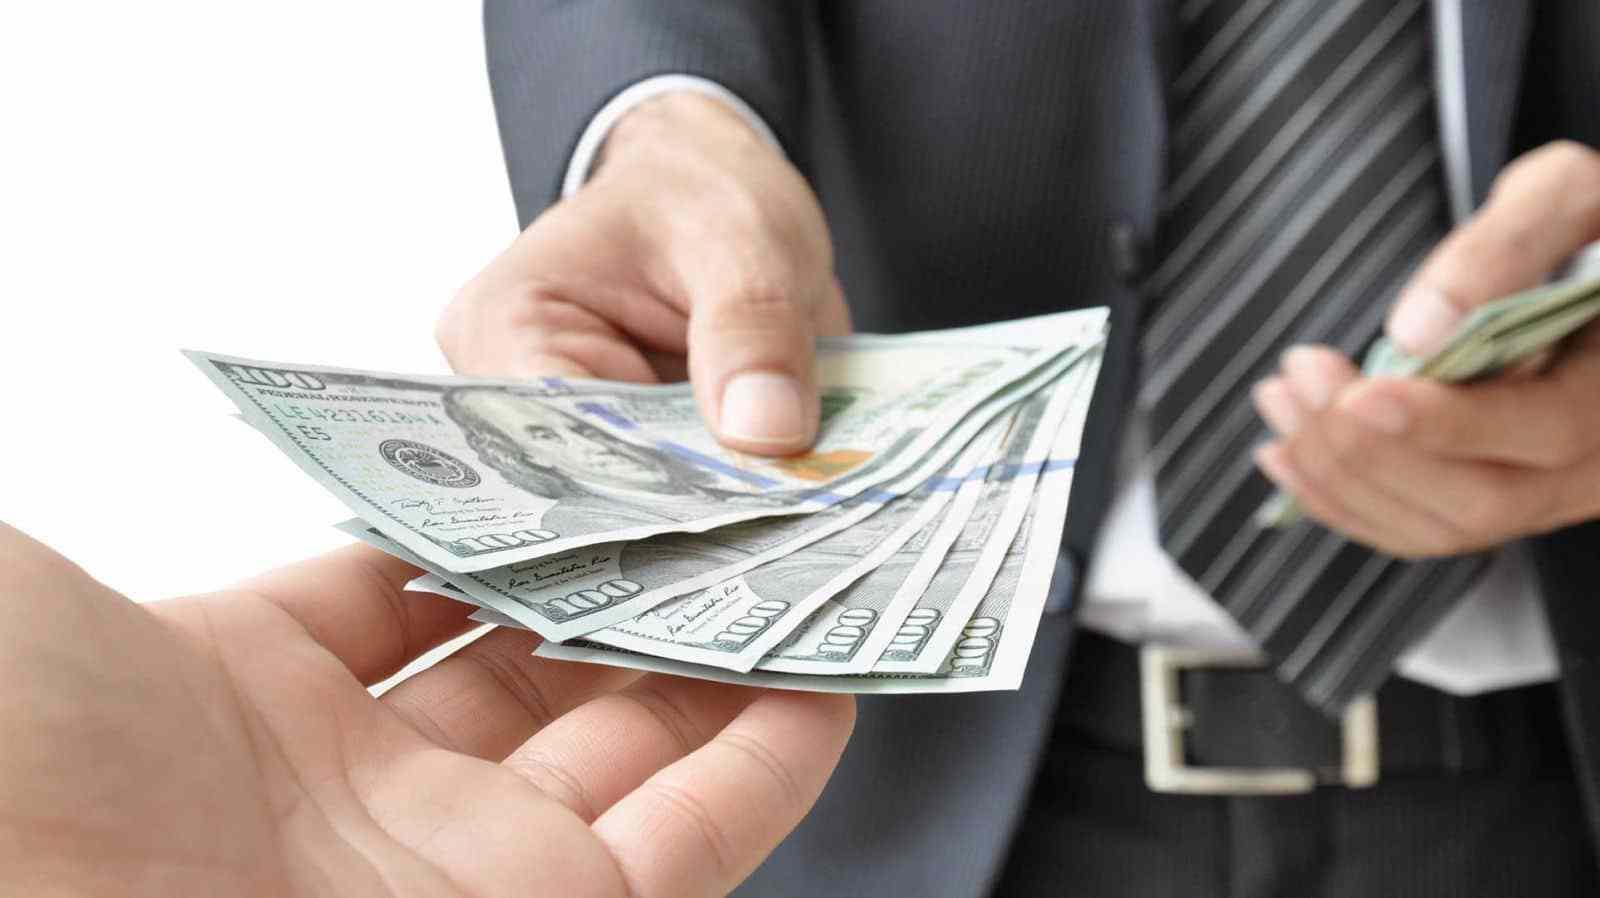 Tìm hiểu về nợ phải thu và nợ phải trả - Nguồn ảnh: Internet